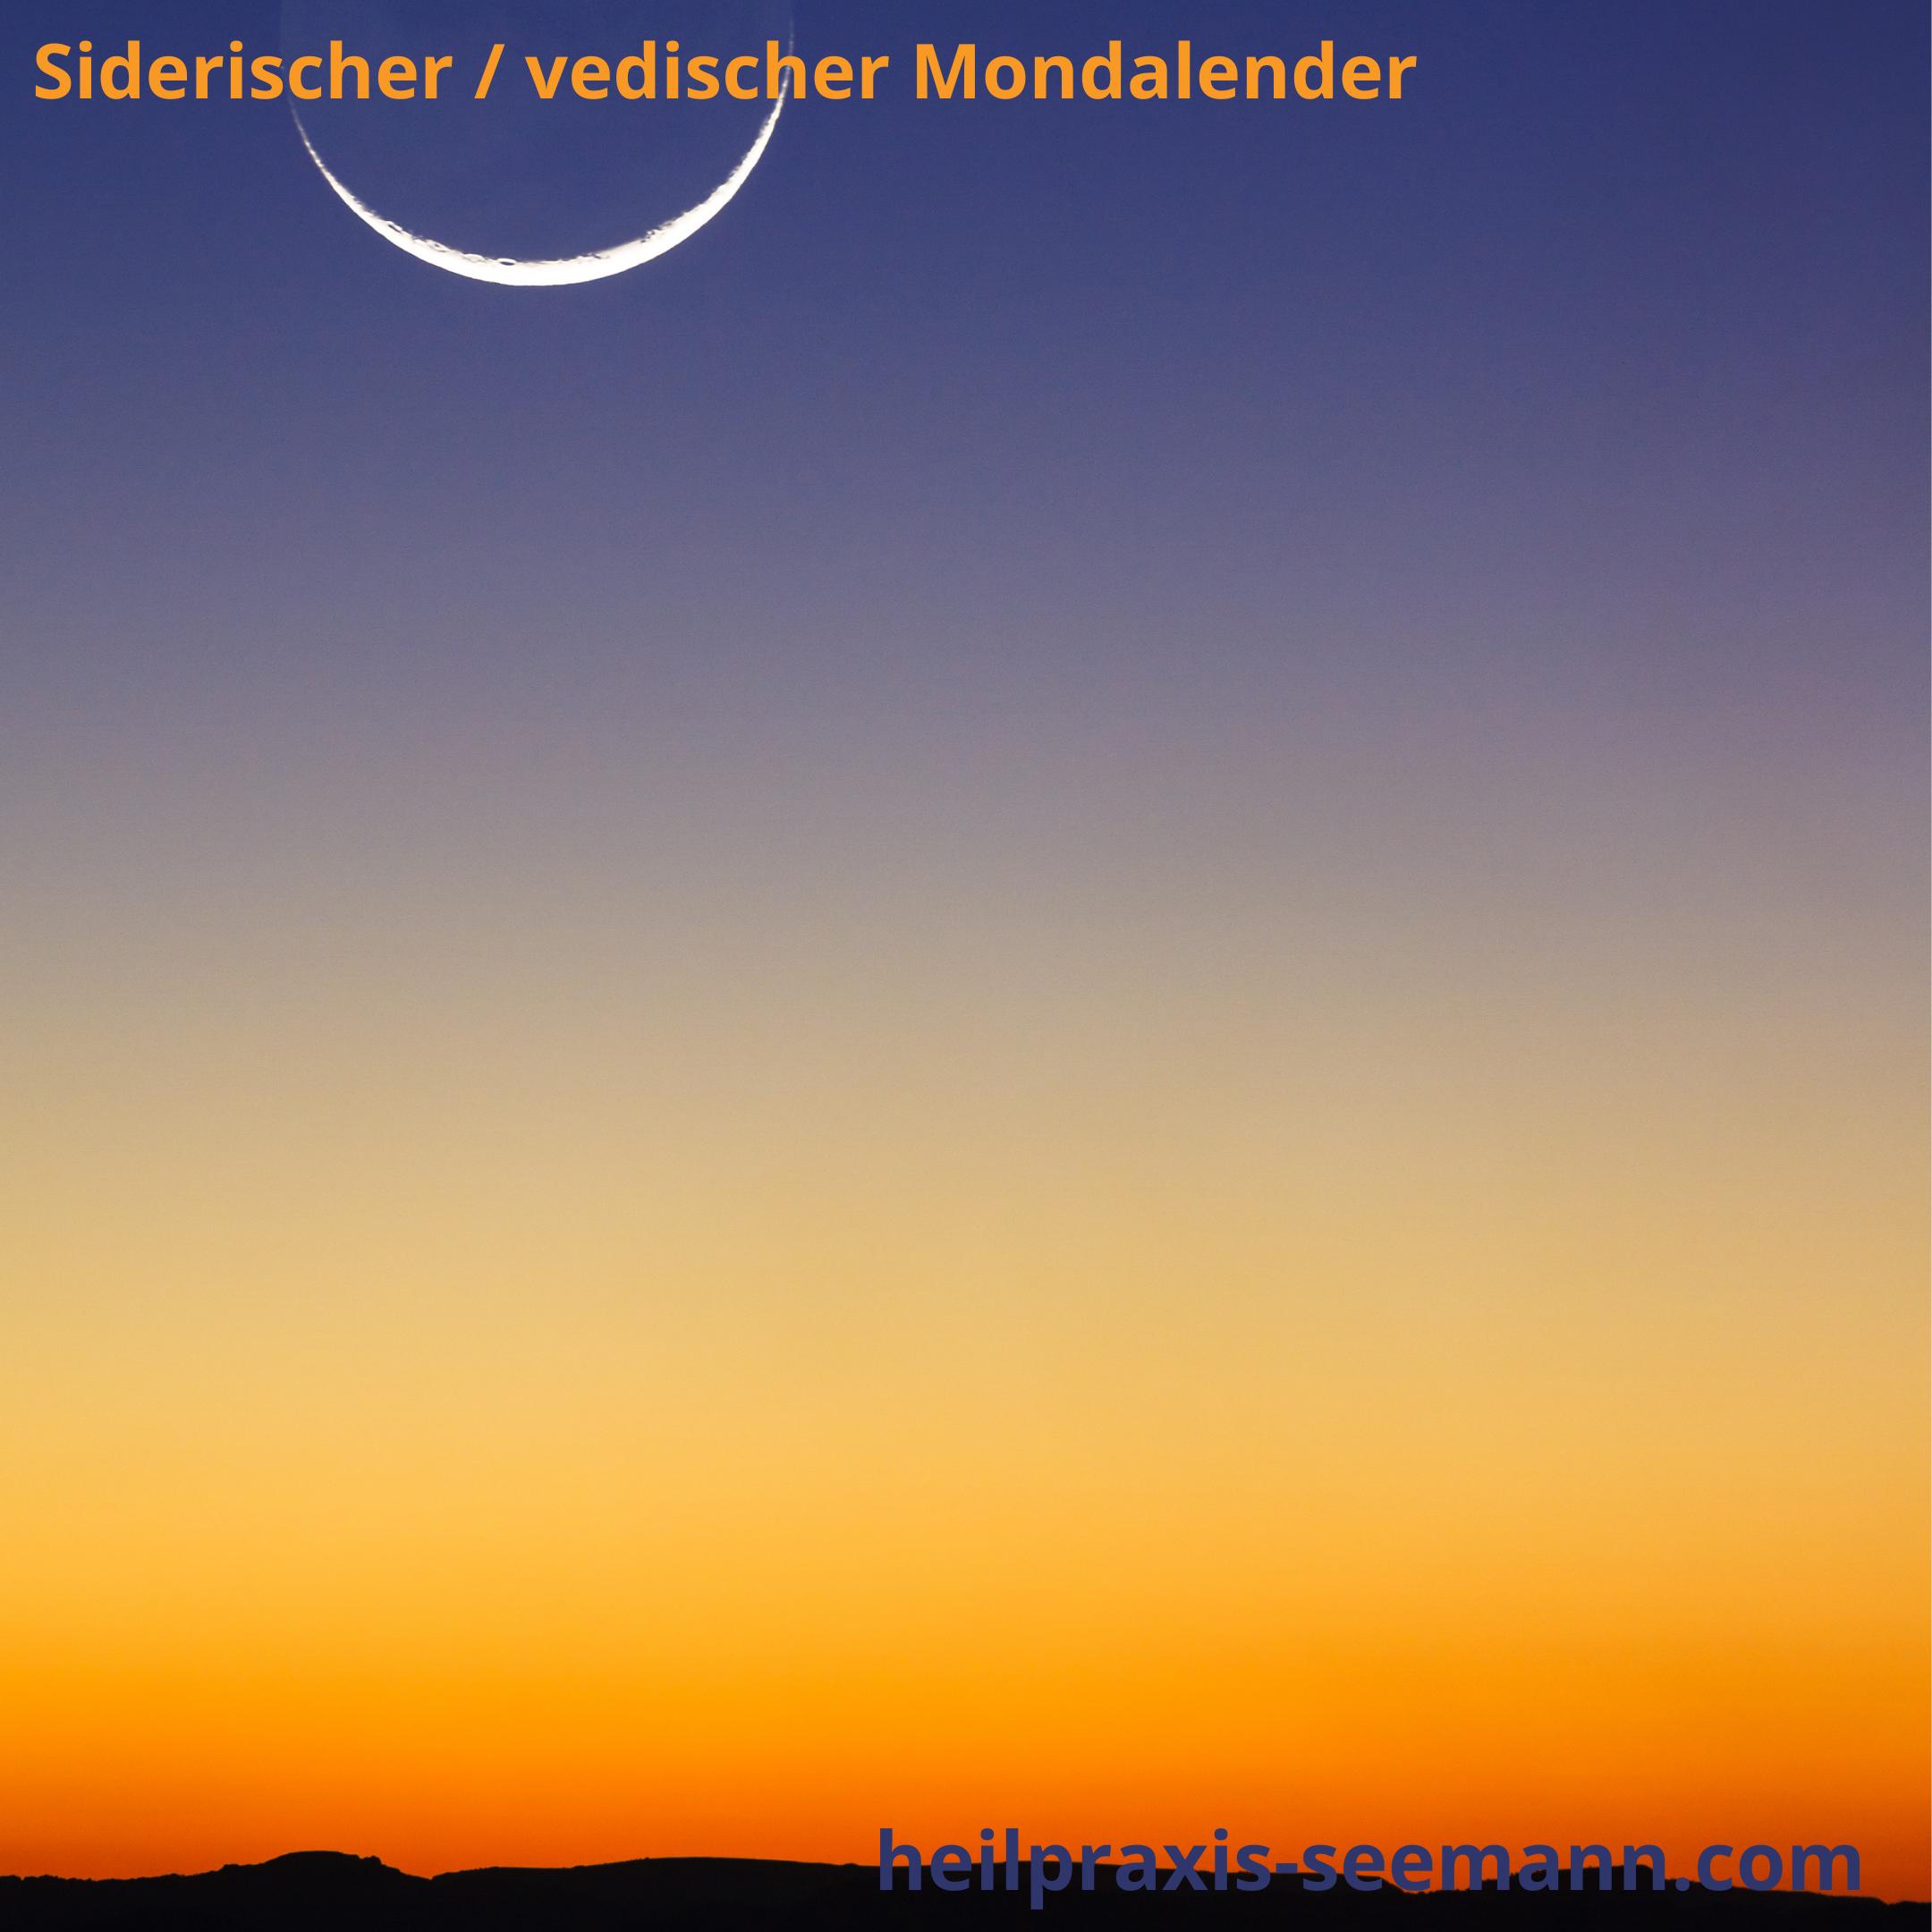 siderischer Mondkalender Neumond Markab